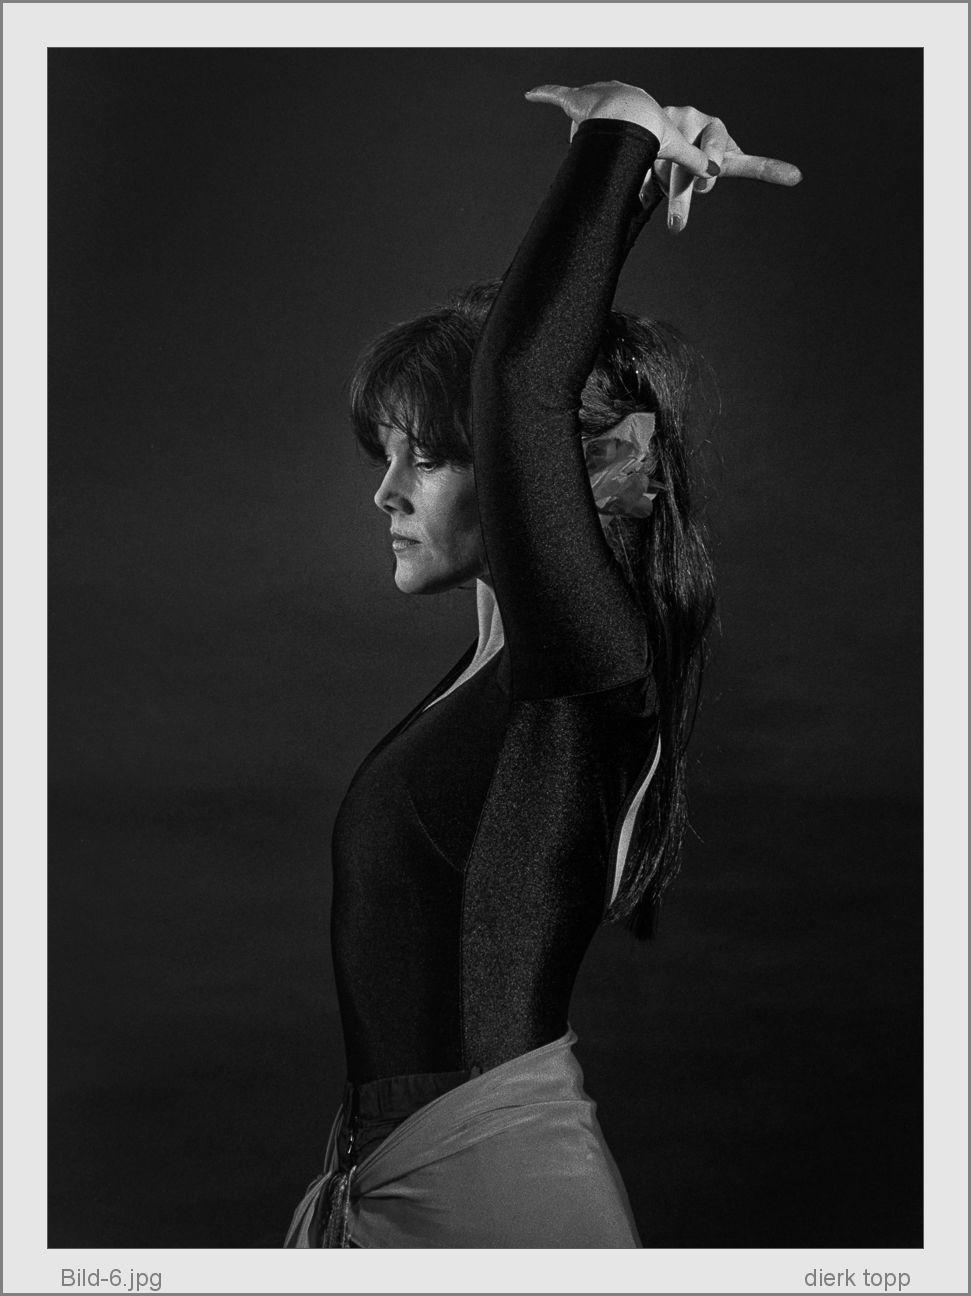 Meine Frau liebt Flamenco, 1987, Nikon FA, T-Max 400, zwei Softboxen - (c) Dierk Topp